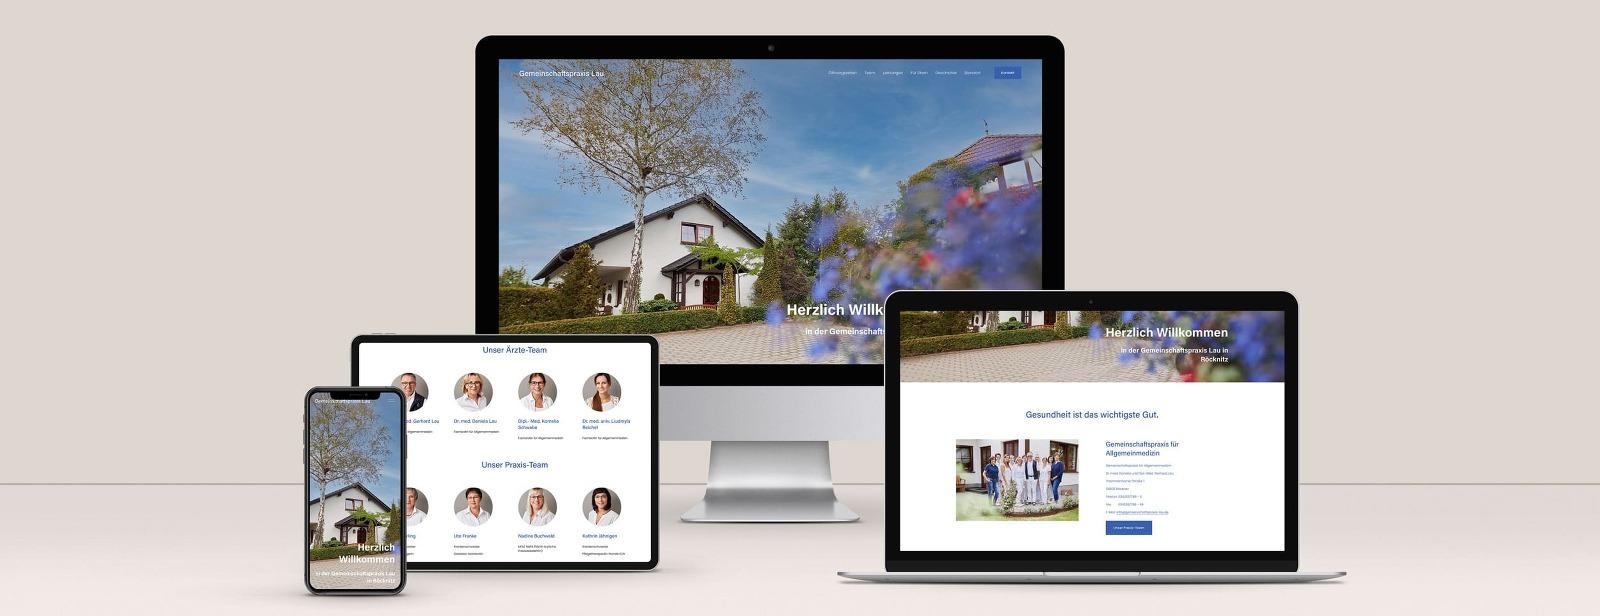 Ein iMac, ein MacBook, ein iPad und ein iPhone mit einer Webseite einer Arztpraxis